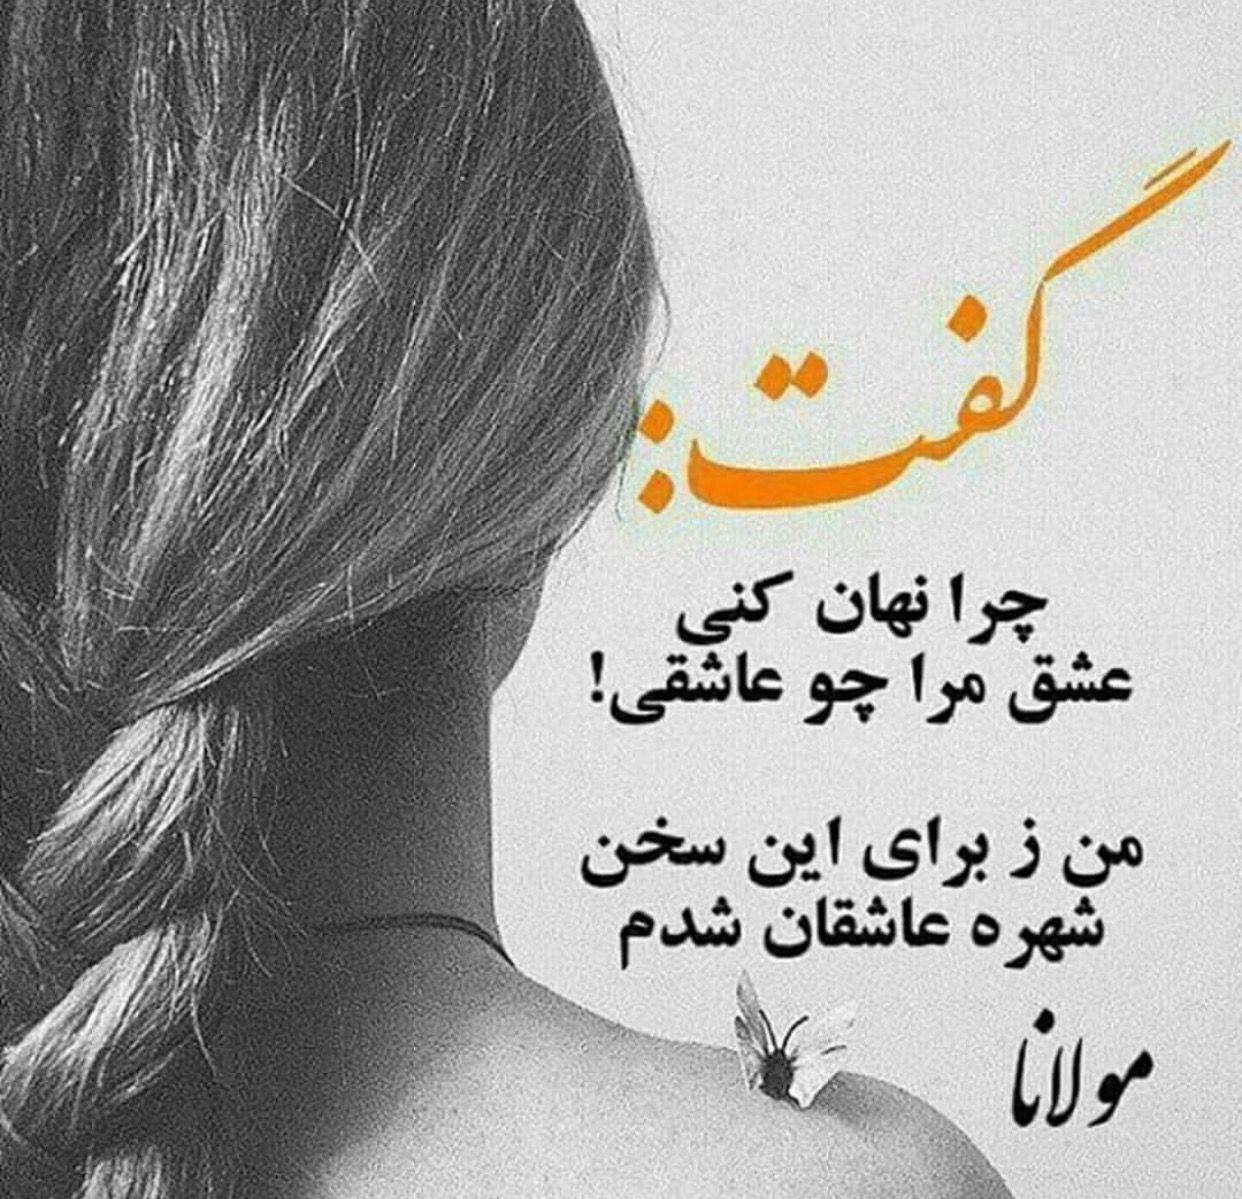 مولانا مولوی Persian Quotes Farsi Poem Cool Words